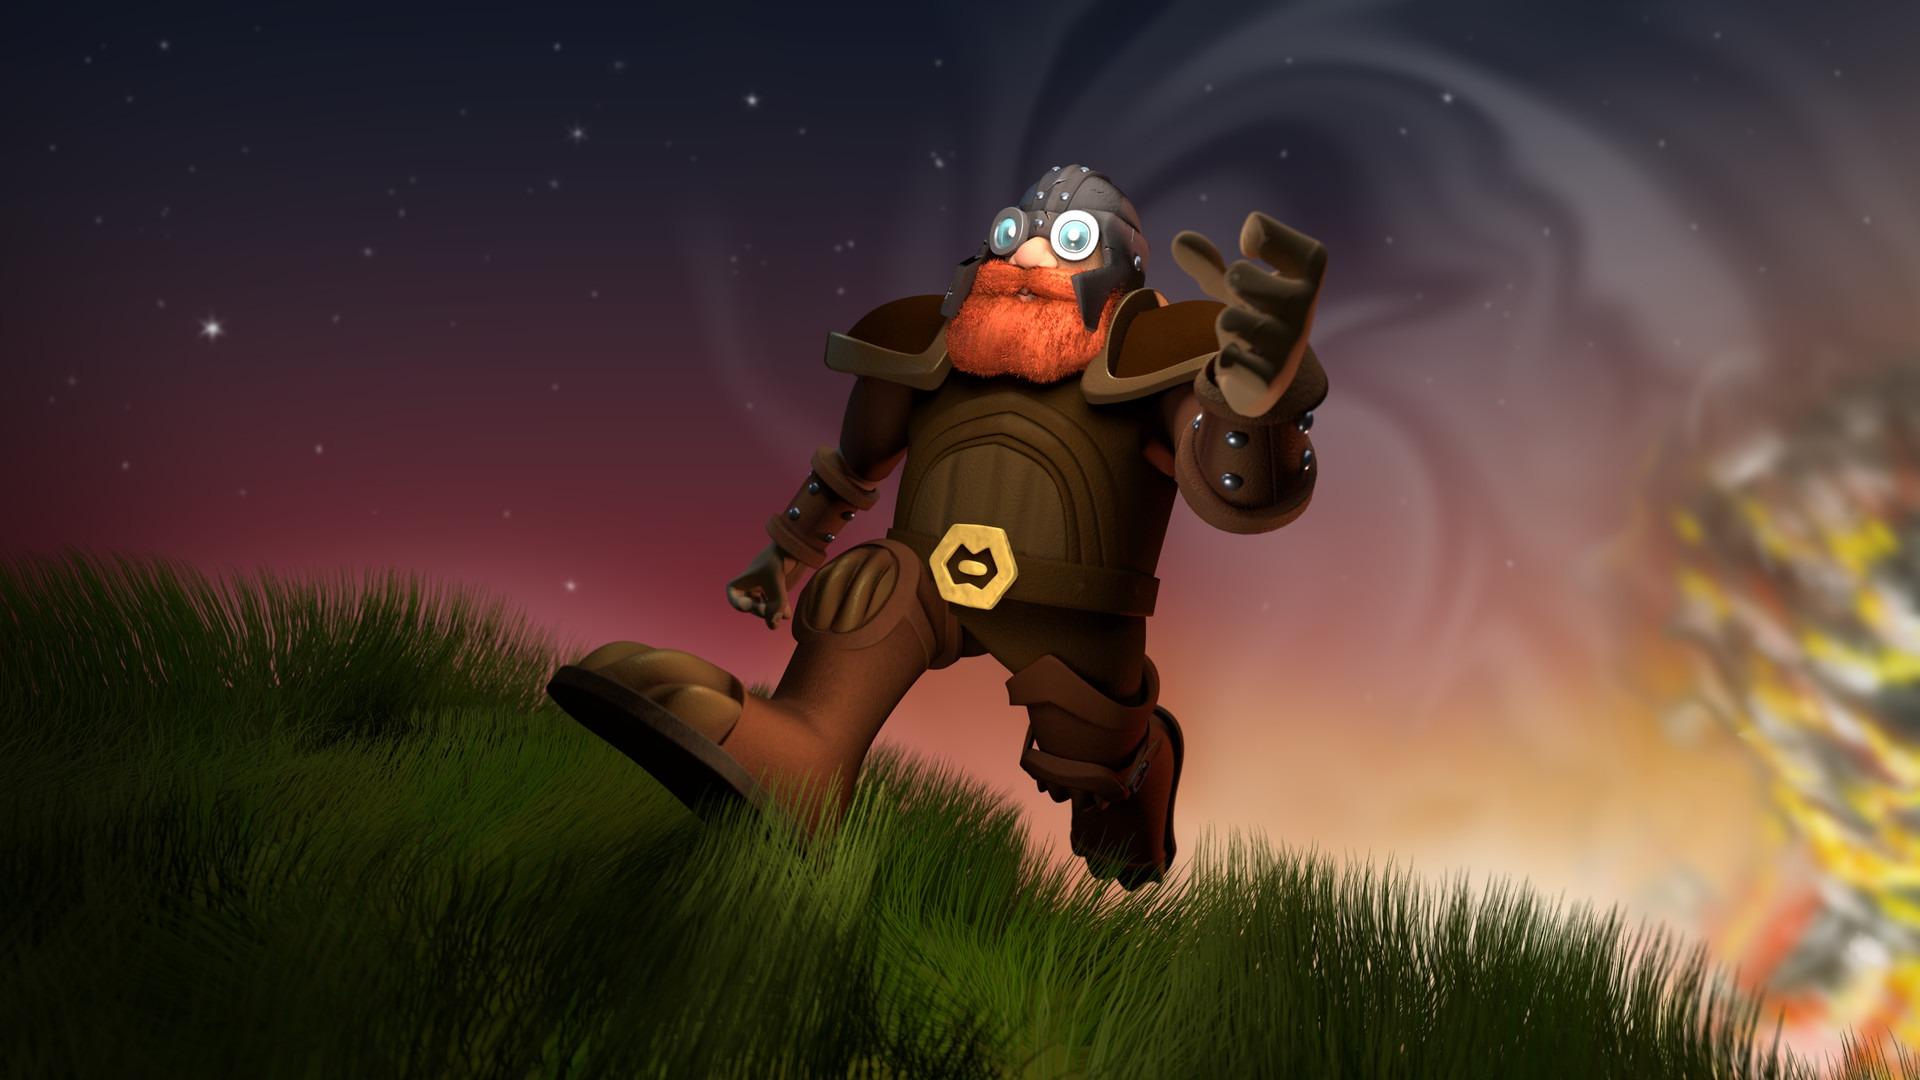 rudy-faletra-dwarf-run1